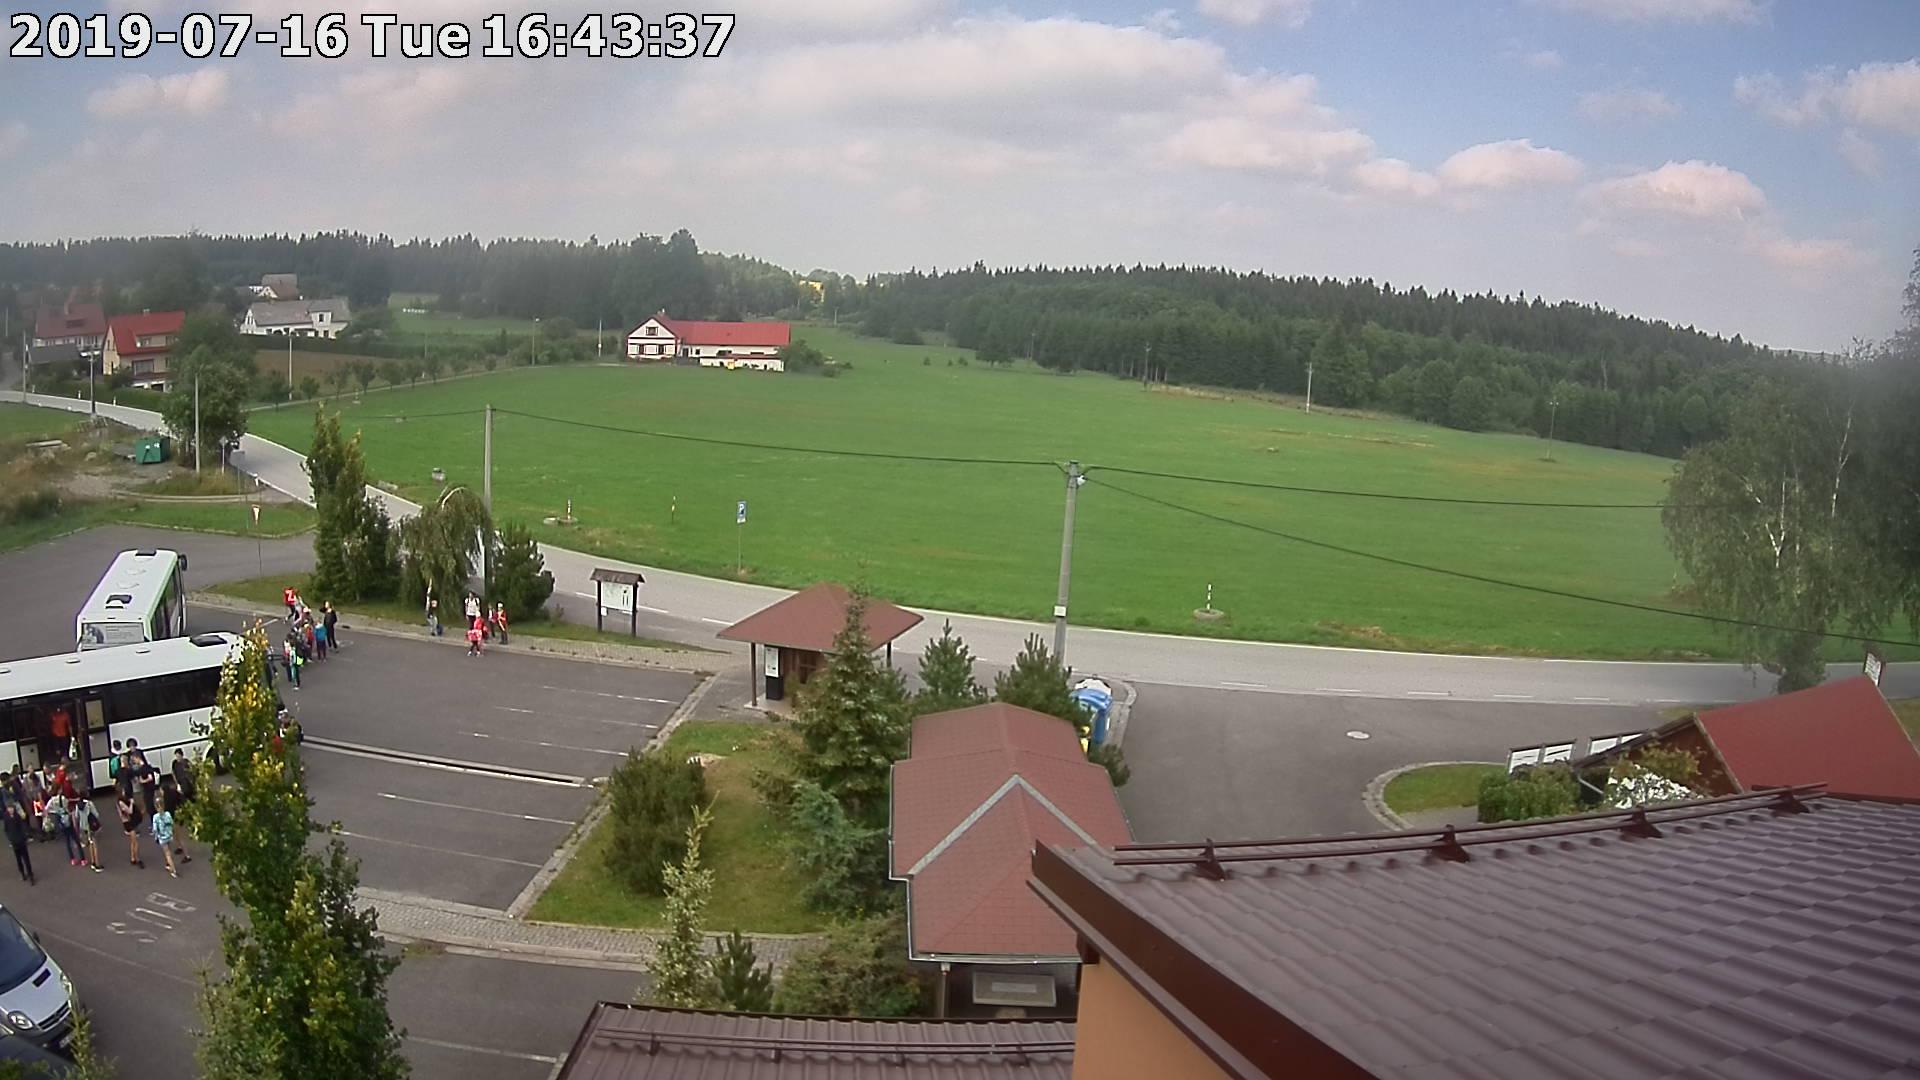 Webkamera ze dne 2019-07-16